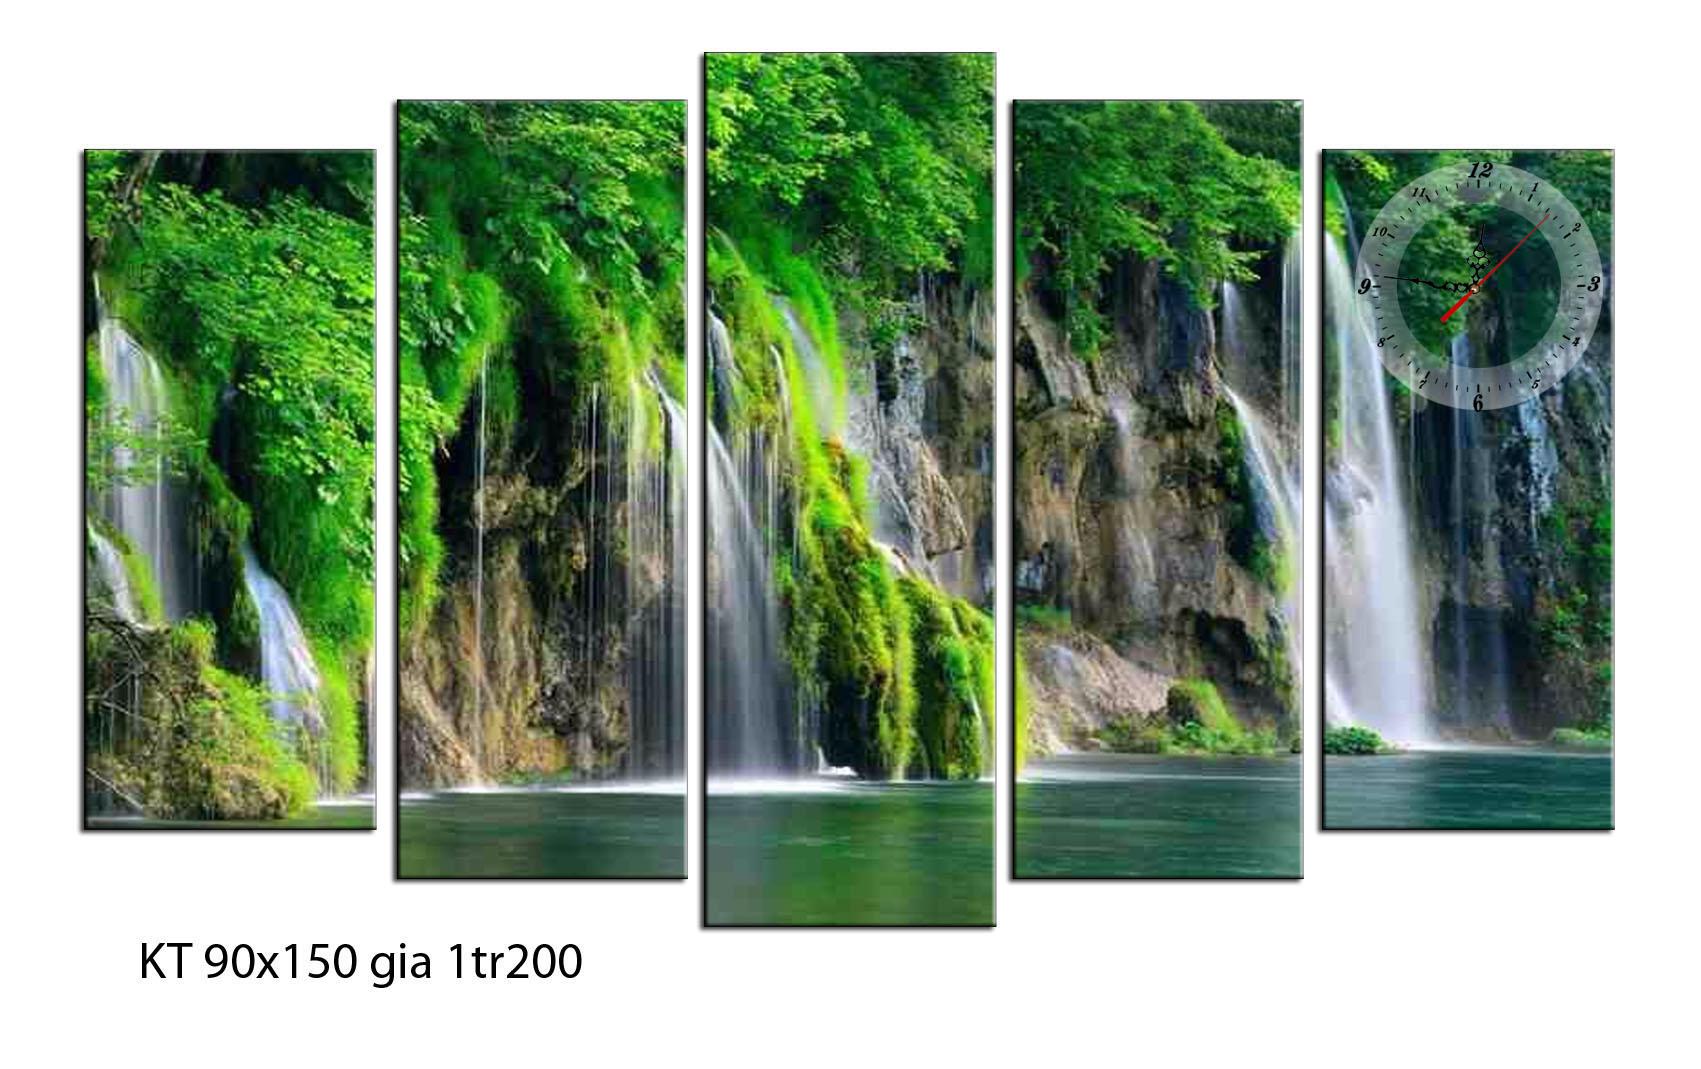 TN02 mẫu tranh đồng hồ phong cảnh thác nước đẹp